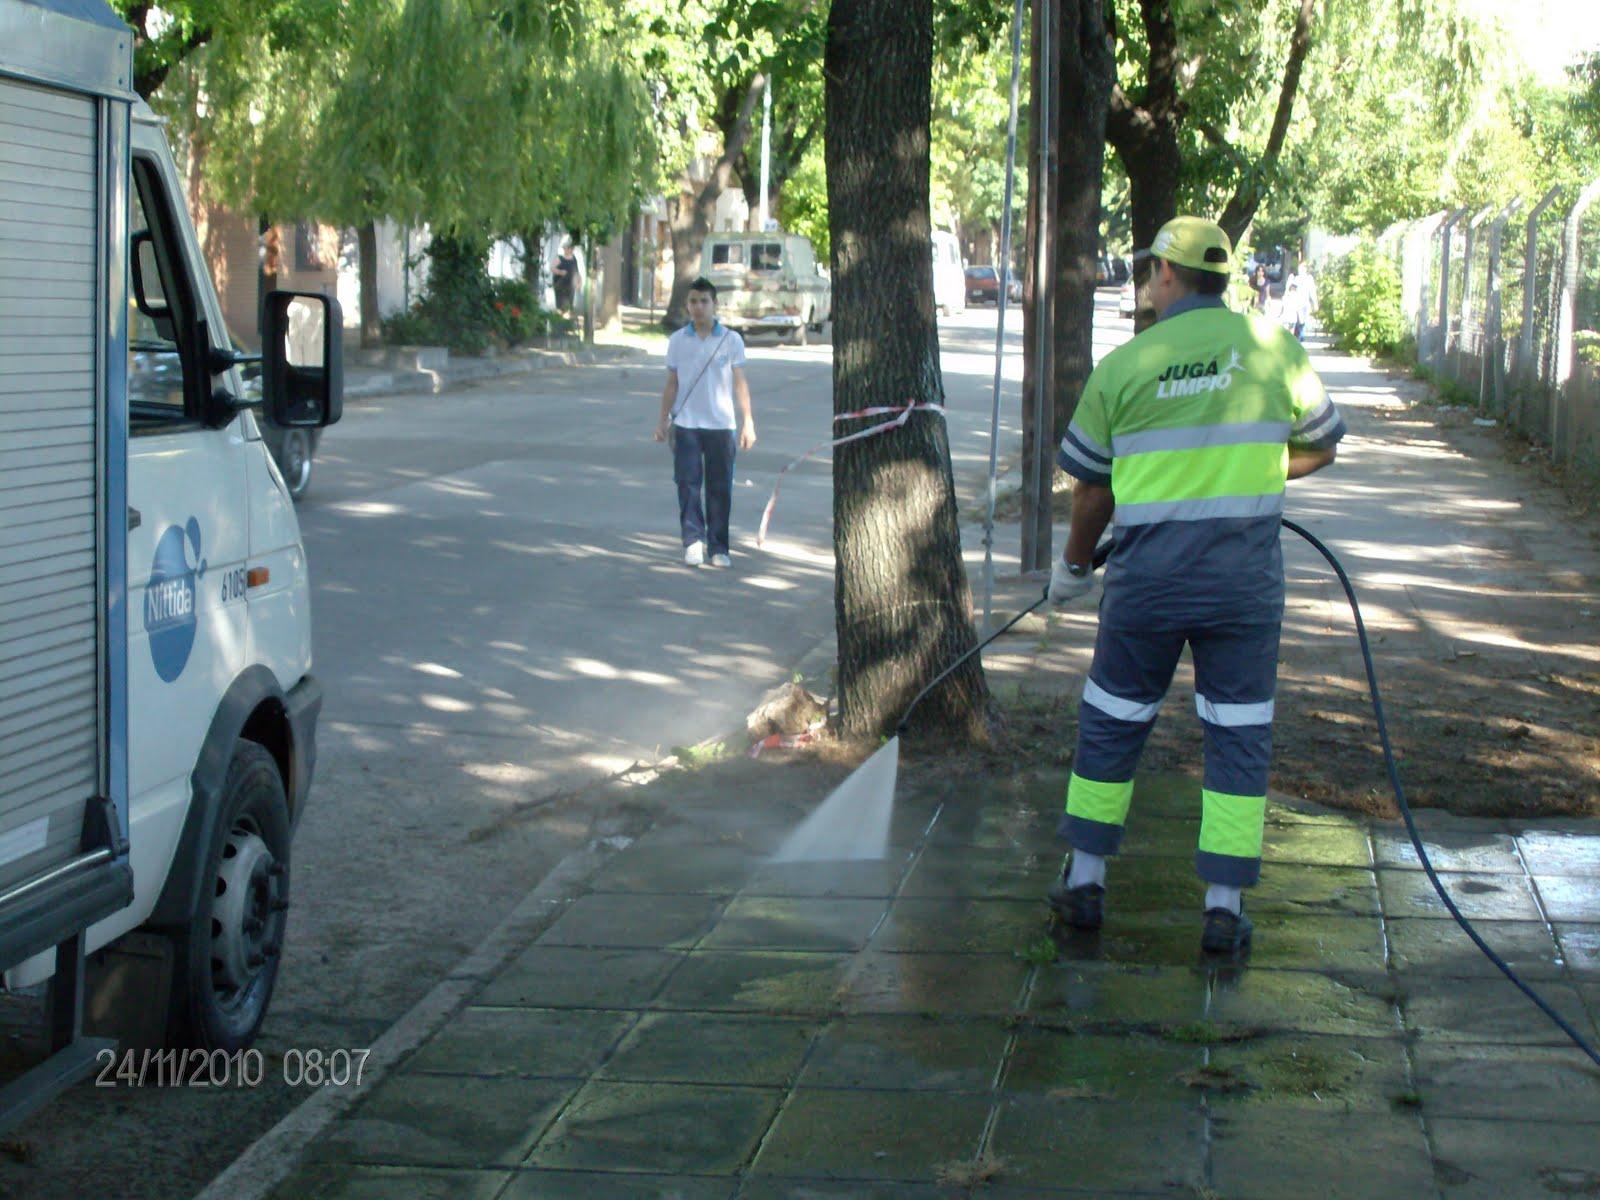 La empresa de limpieza cobraba servicios que no realizaba | El Consejo Consultivo logró que Nittida cumpla con sus obligaciones en la Comuna 10